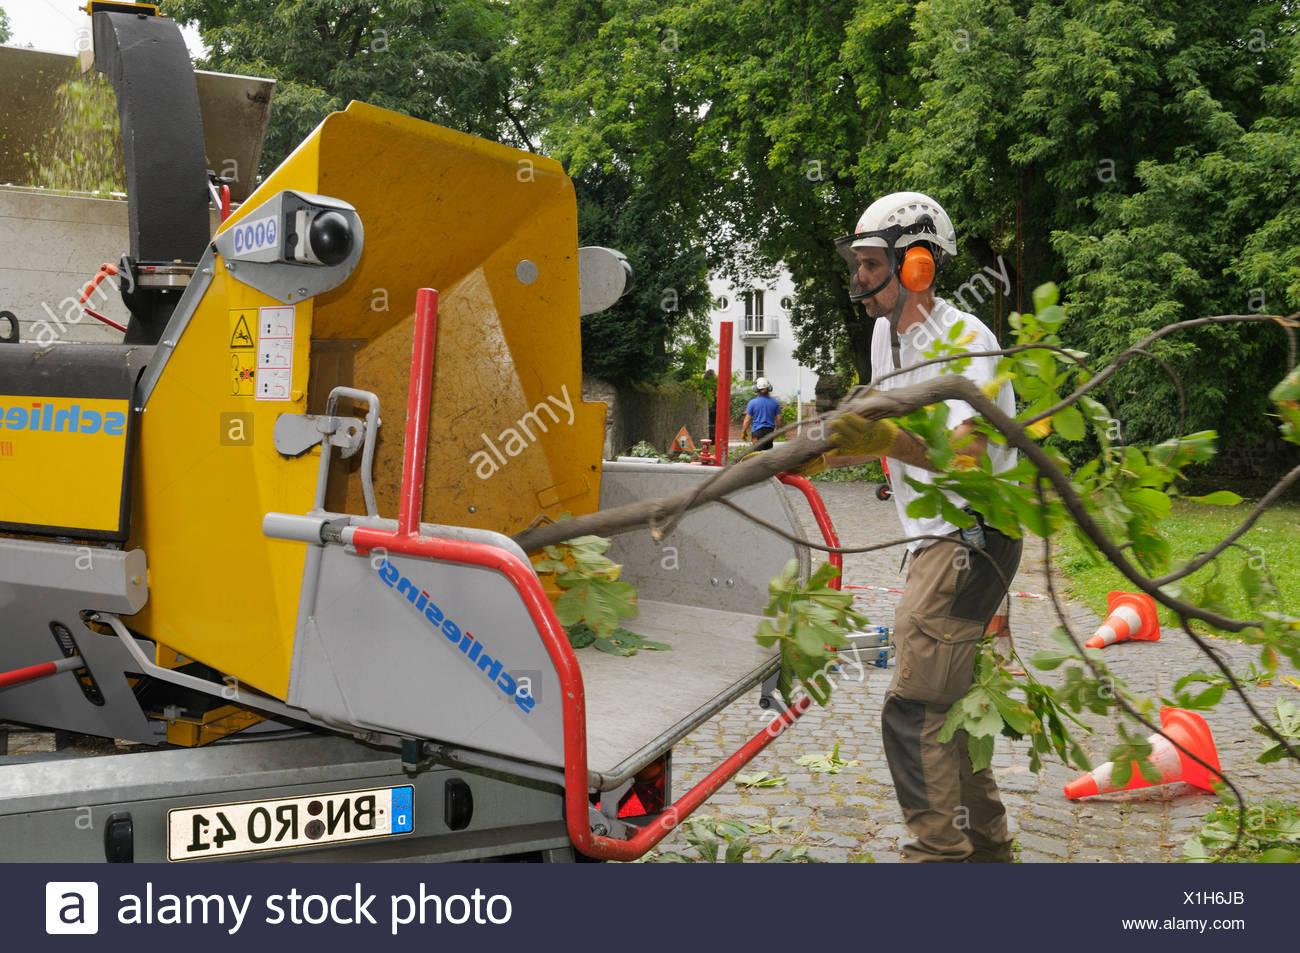 Baumpfleger tragen von Sicherheitskleidung schob eine Verzweigung in einen Schredder Stockfoto